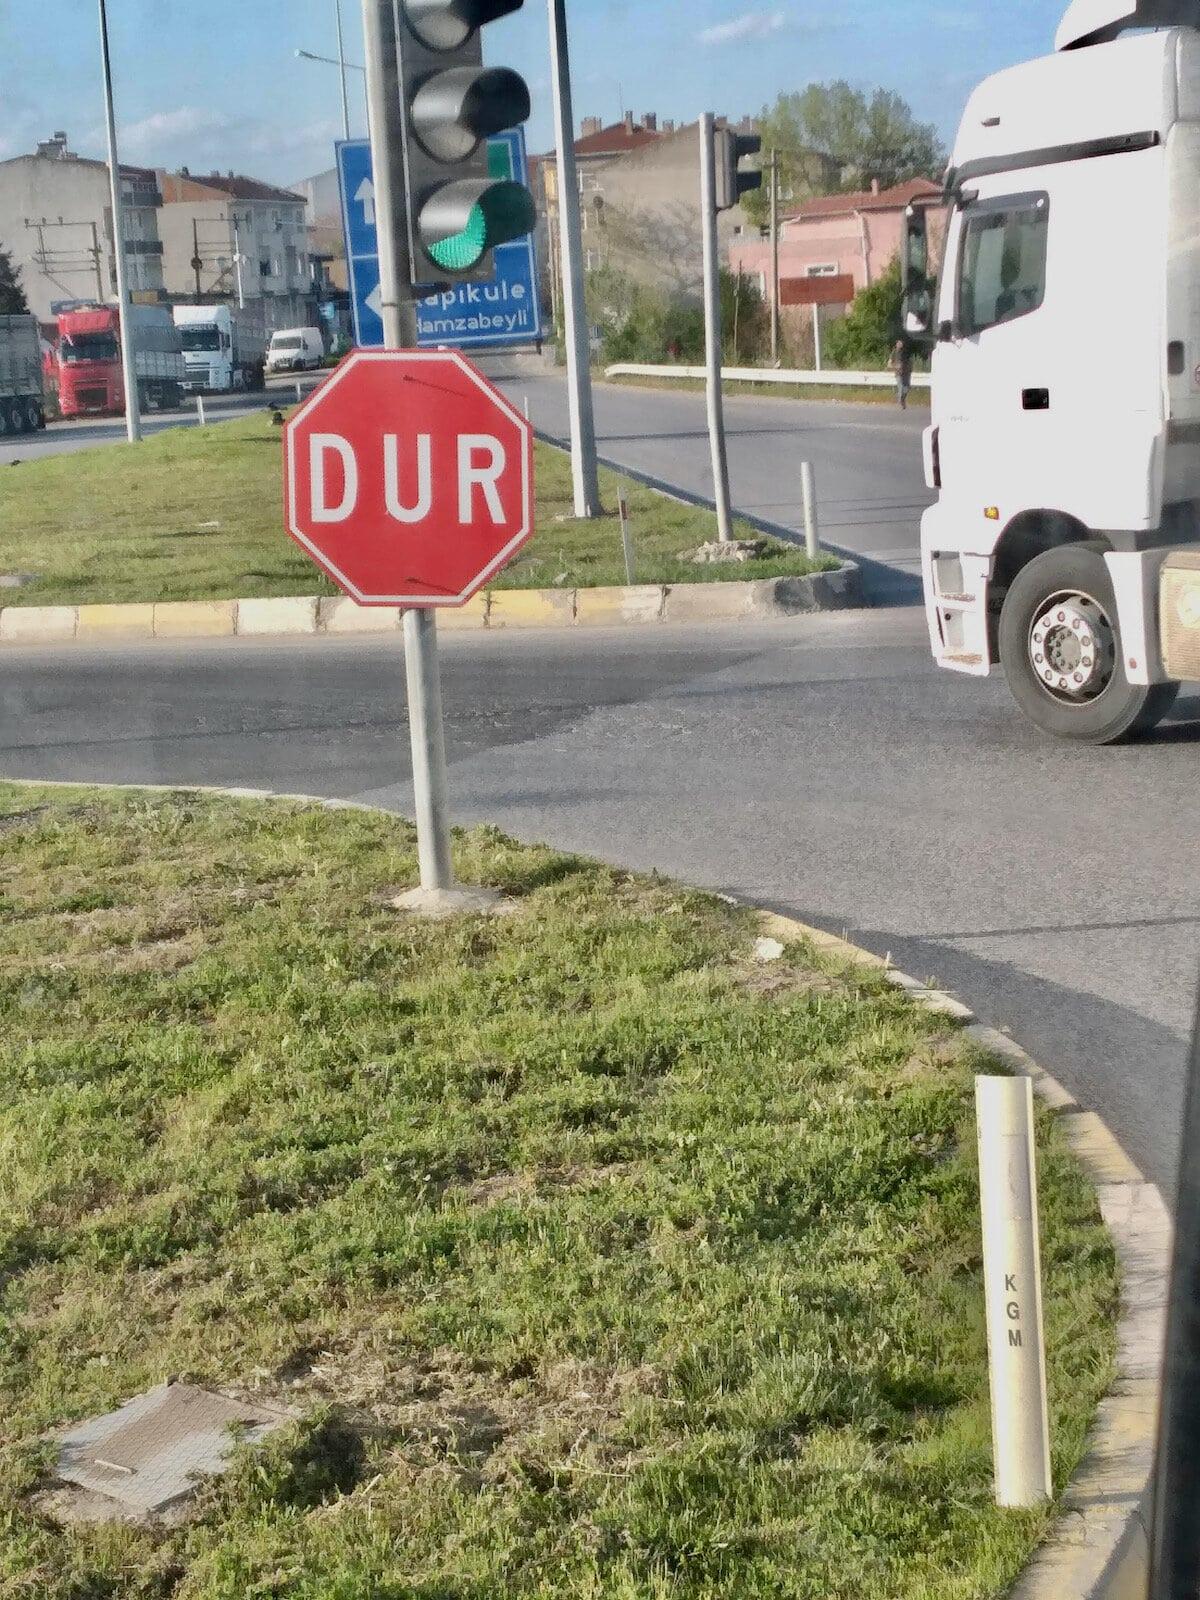 C'est dur de s'arrêter au stop en Turquie !